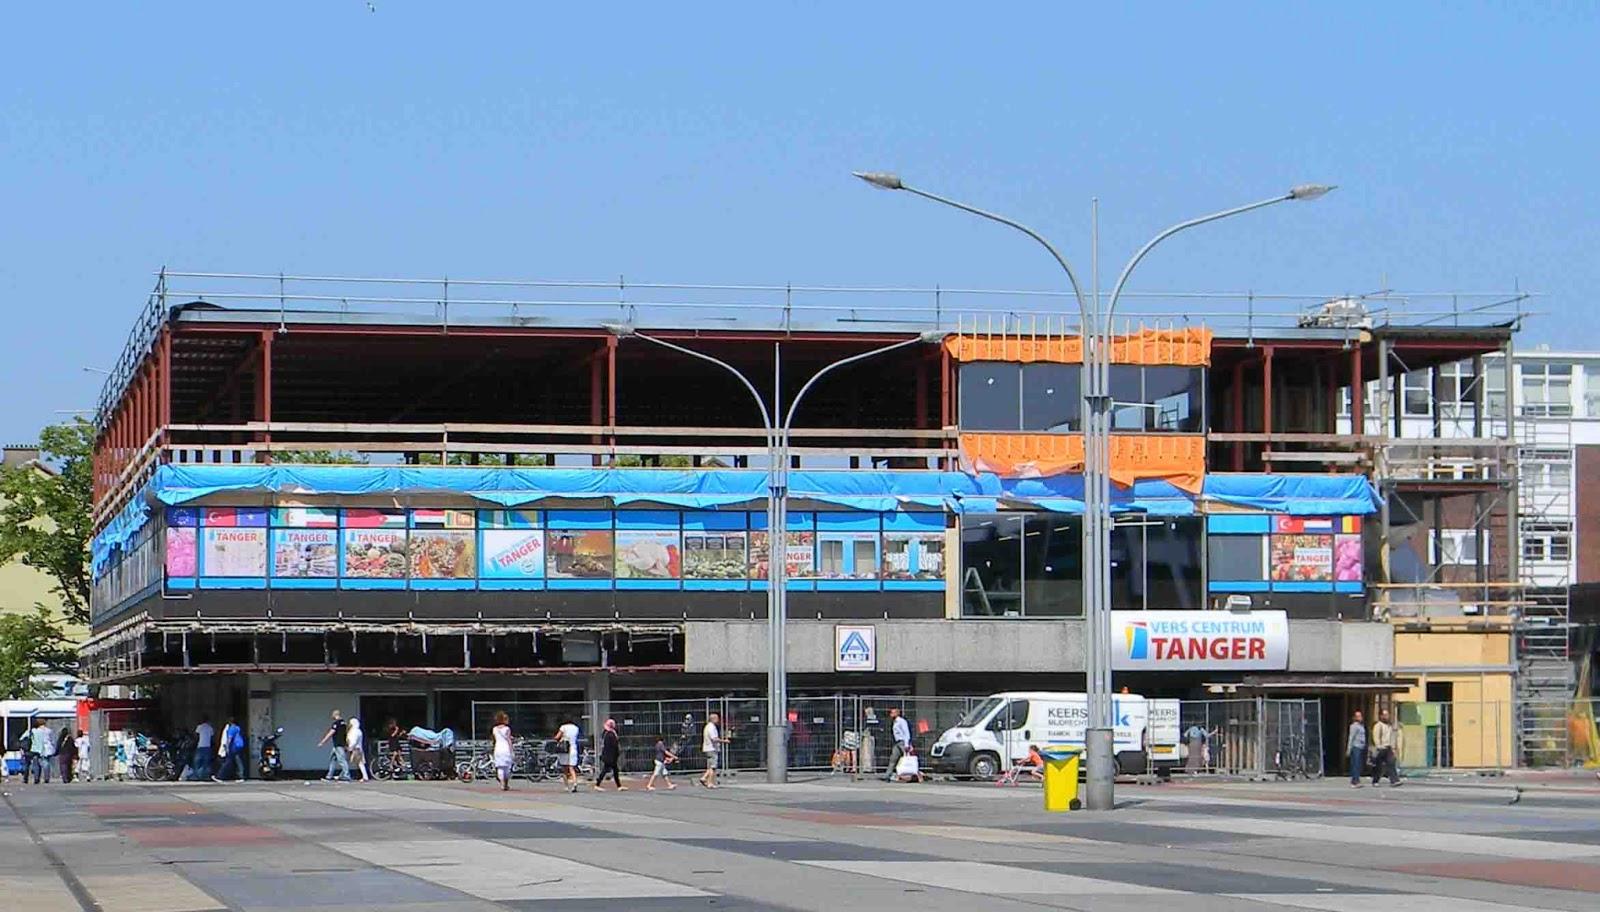 Observeren winkelcentrum 39 40 39 45 slotermeer amsterdam for Tanger amsterdam